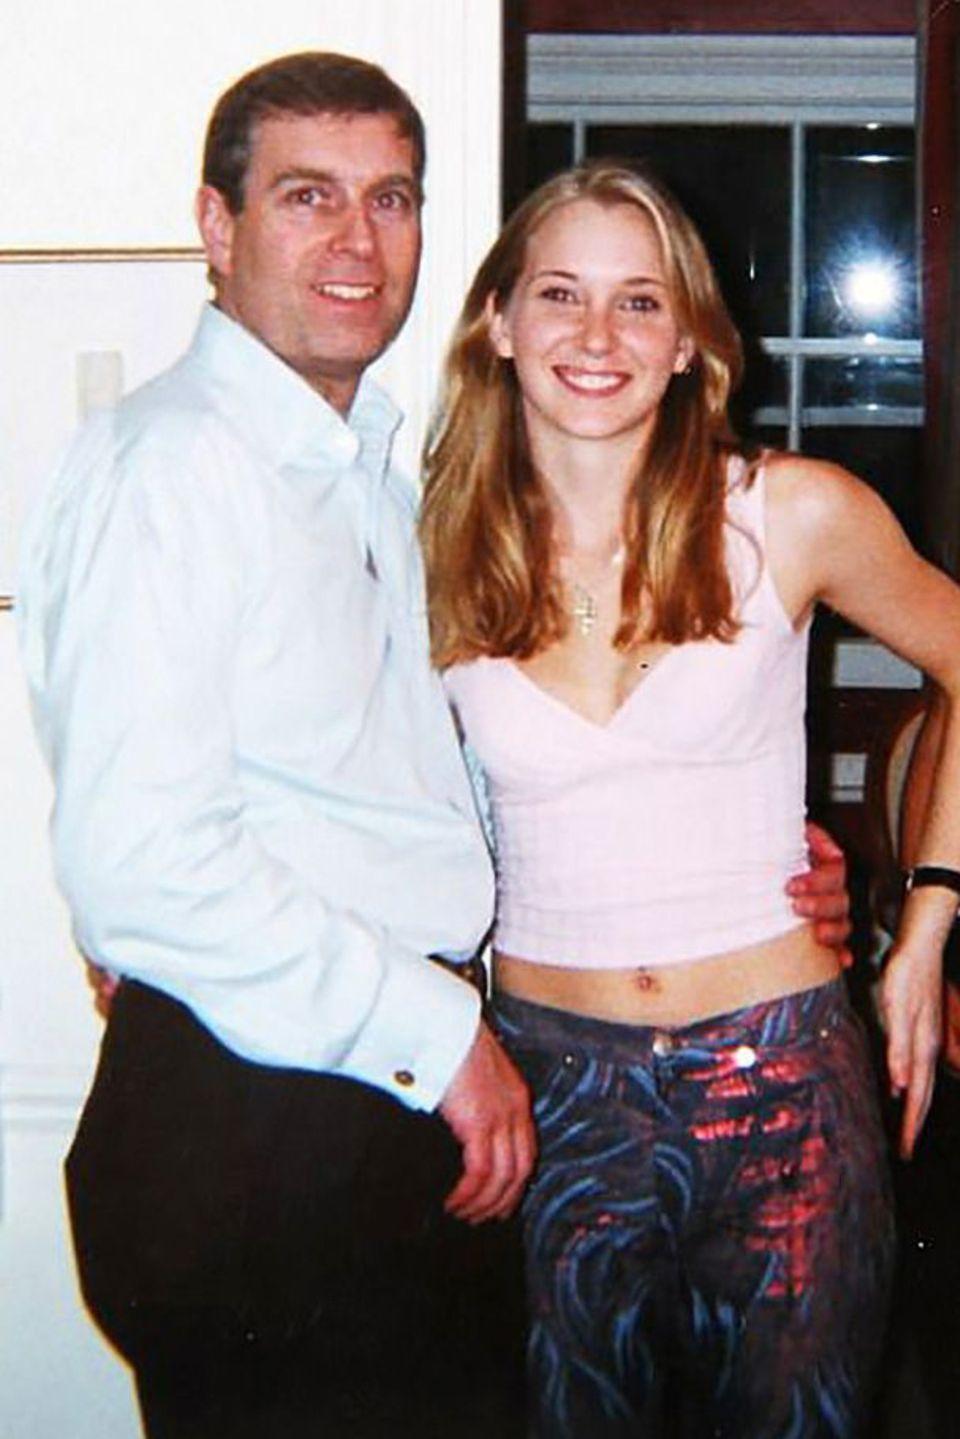 Dieses Foto zeigt Prinz Andrew mit Virginia Roberts. Es soll am 13. März 2001 in einem Haus in London entstanden sein.